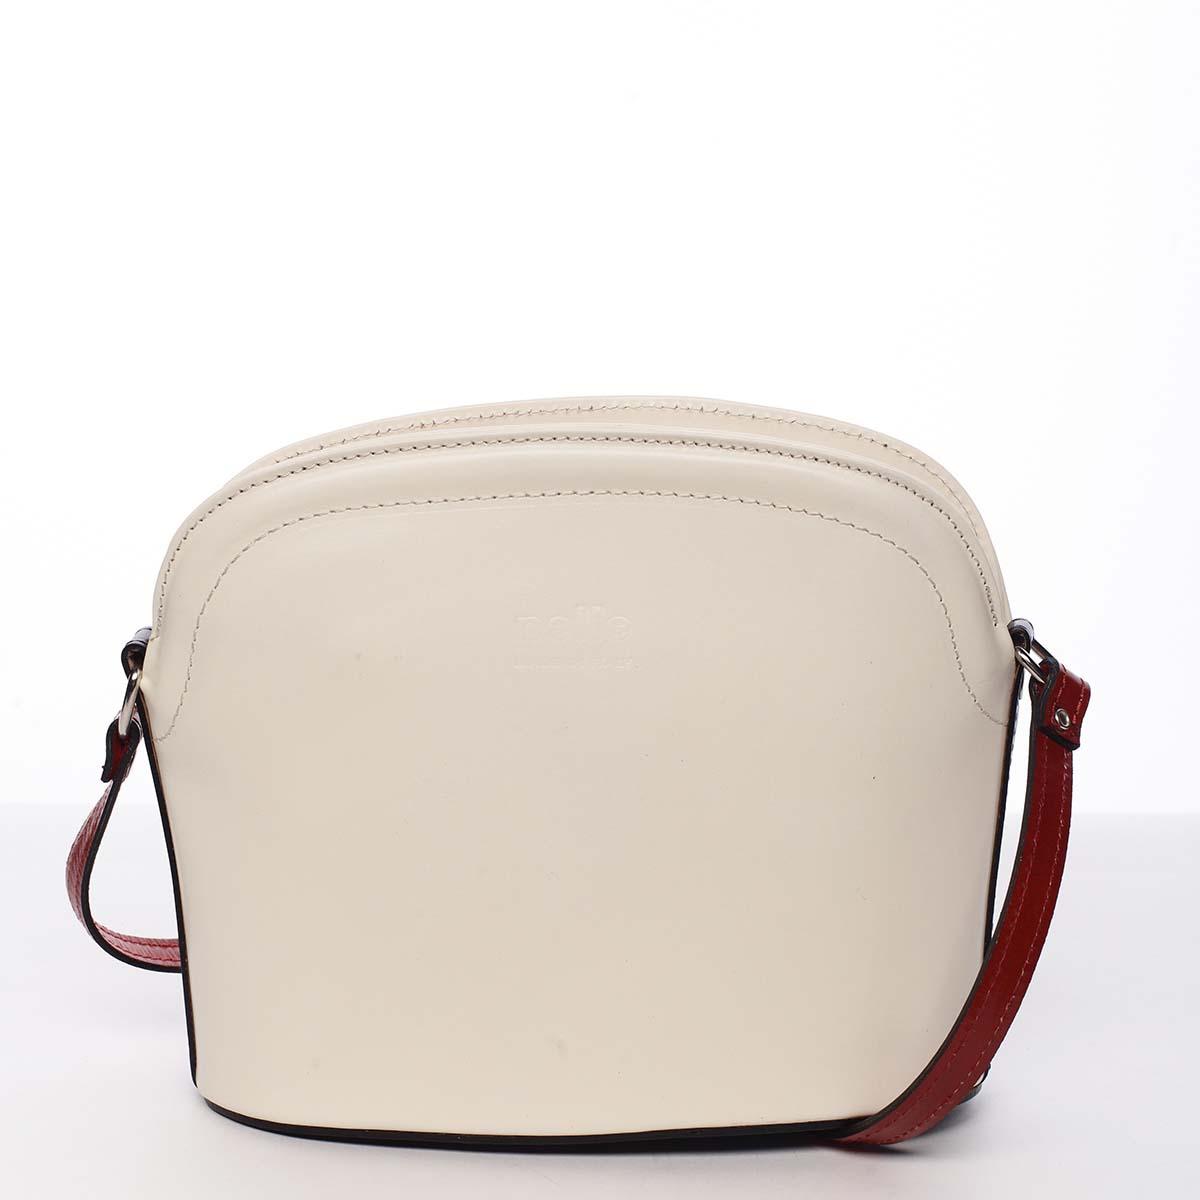 Dámská kožená crossbody kabelka barevná - ItalY Tracy